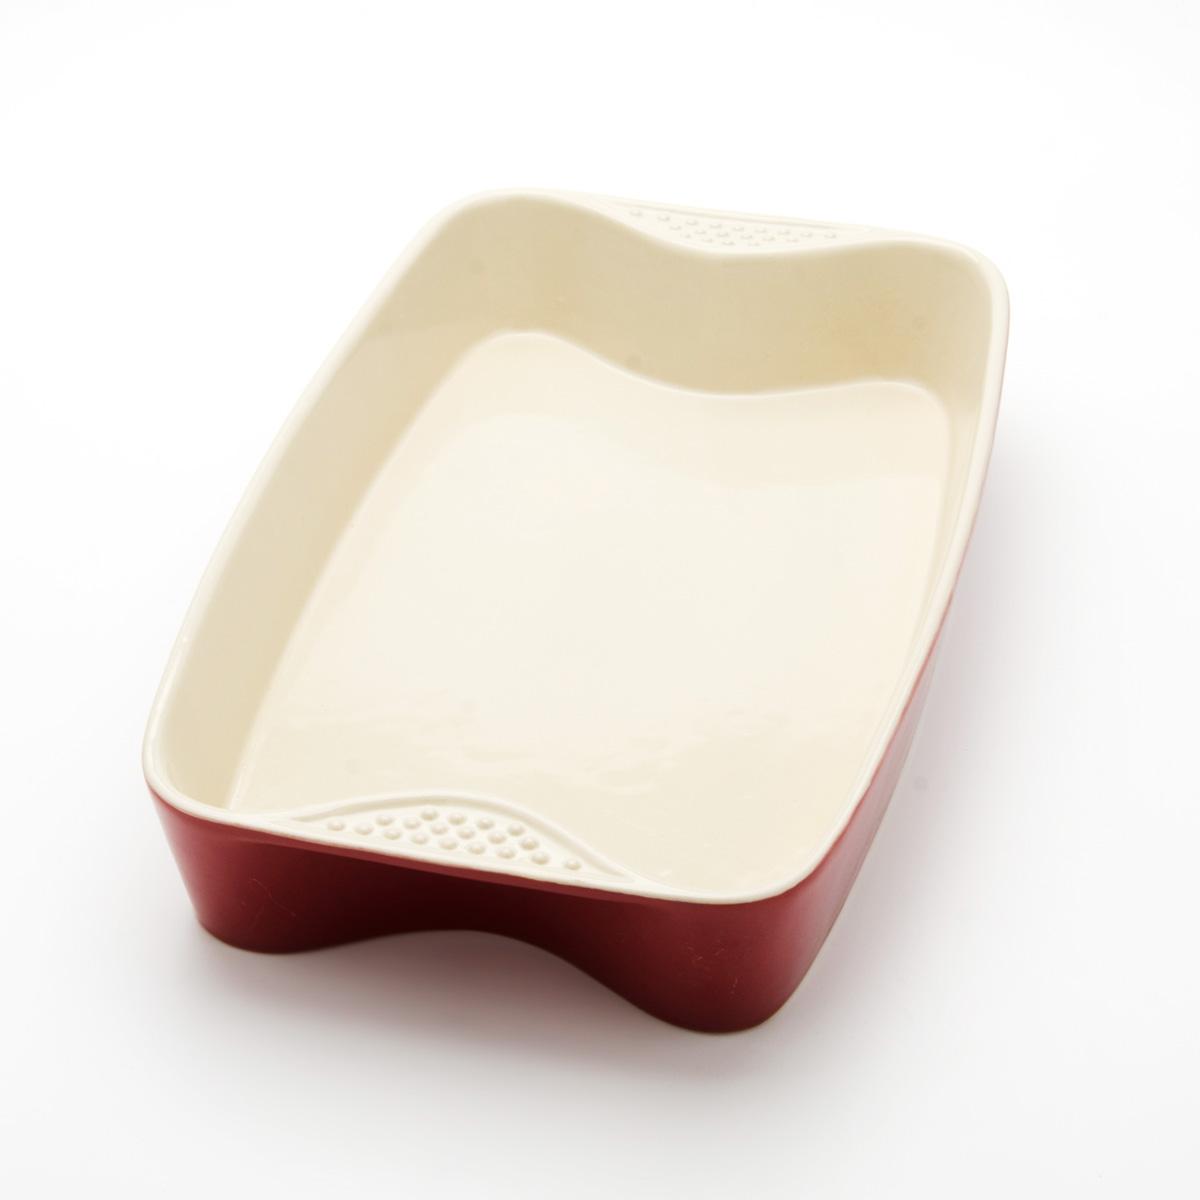 Противень Mayer & Boch, прямоугольный, цвет: красный, 33 см х 21 см х 5 см21762Противень Mayer & Boch изготовлен из высококачественной керамики и подходит для любого вида пищи. Элегантный дизайн идеально подходит для современного дома. Пища, приготовленная в керамической посуде, сохраняет свои вкусовые качества, и благодаря экологической чистоте материала, не может нанести вред здоровью человека. Керамика - один из самых лучших материалов, который удерживает тепло, медленно и равномерно его распределяет. Максимальный нагрев - 400°С. С таким противнем вы всегда сможете порадовать своих близких оригинальным блюдом. Противень можно использовать в микроволновой печи и духовом шкафу, замораживать в холодильнике. Можно мыть в посудомоечной машине. Размер противня (ДхШхВ): 33 см х 21 см х 5 см. Толщина стенок: 6-7 мм.